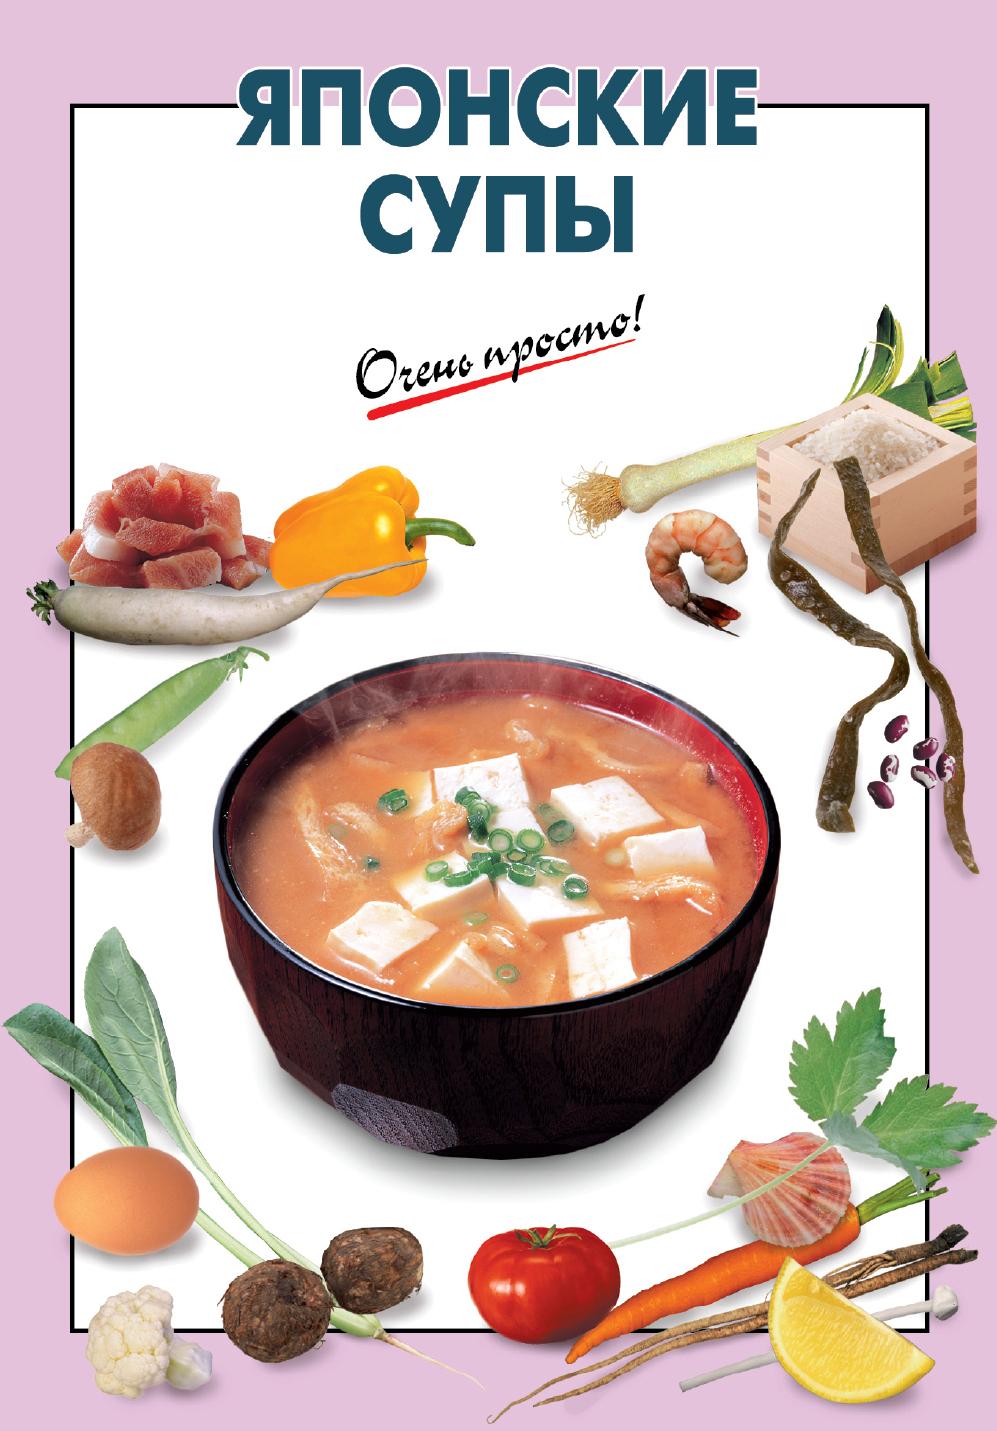 Выдревич Г.С., сост. Японские супы